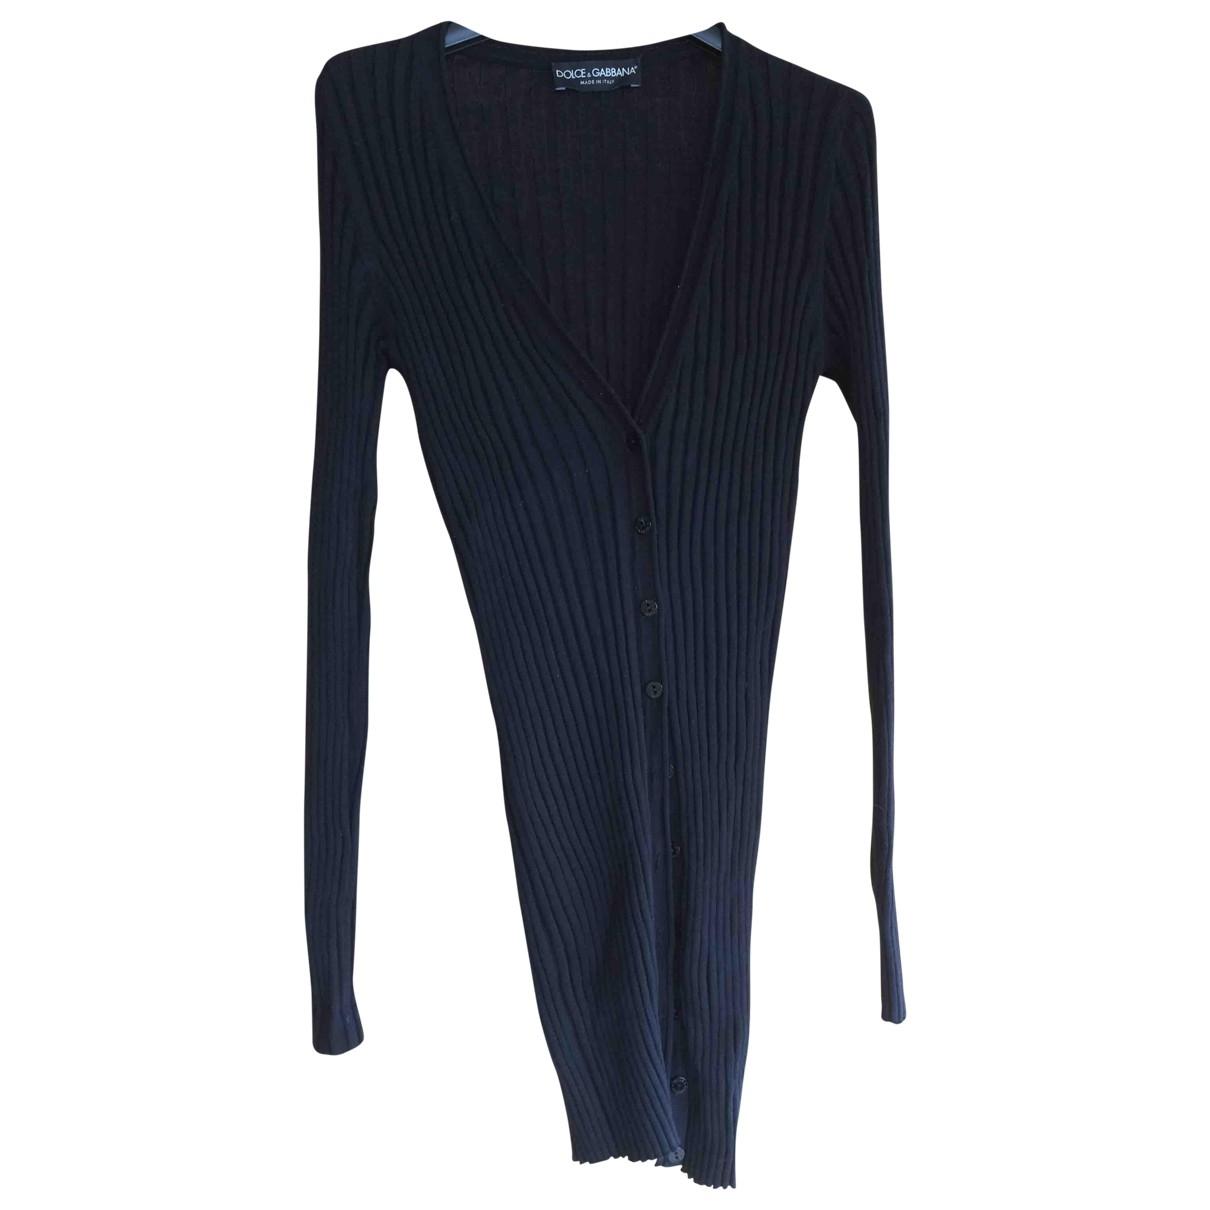 Dolce & Gabbana - Pull   pour femme en coton - noir